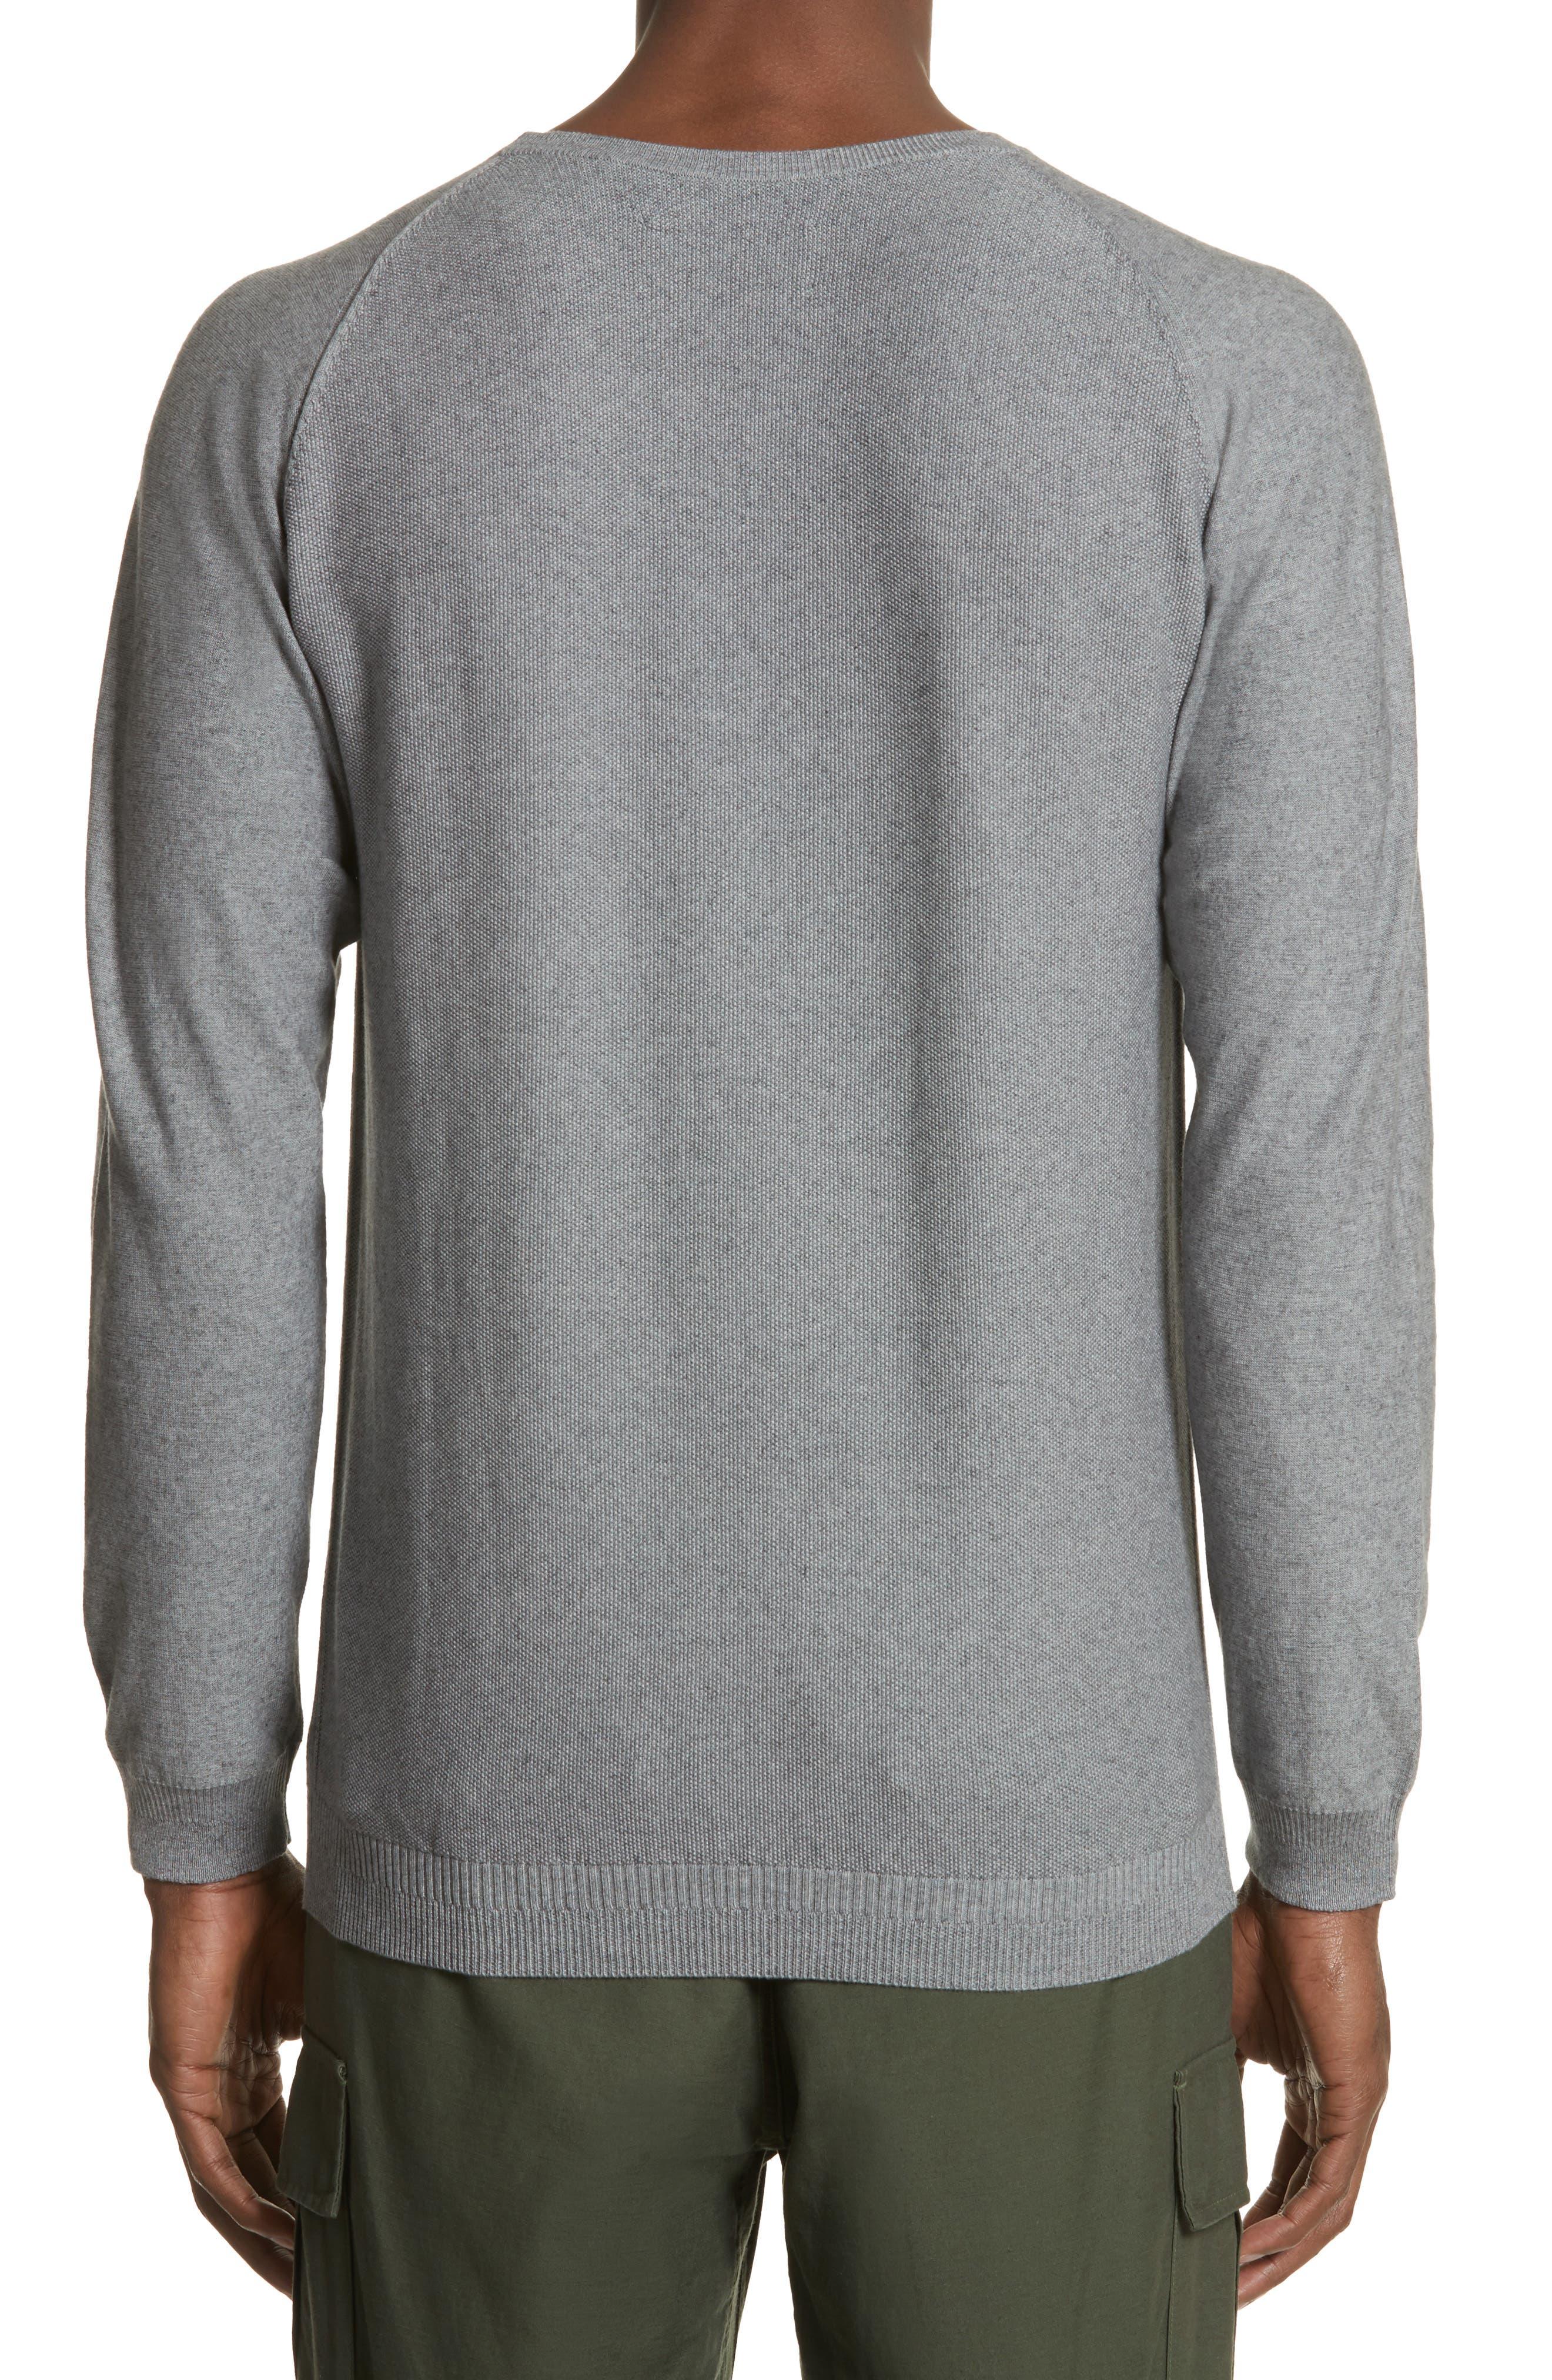 Cotton & Cashmere Sweater,                             Alternate thumbnail 2, color,                             060